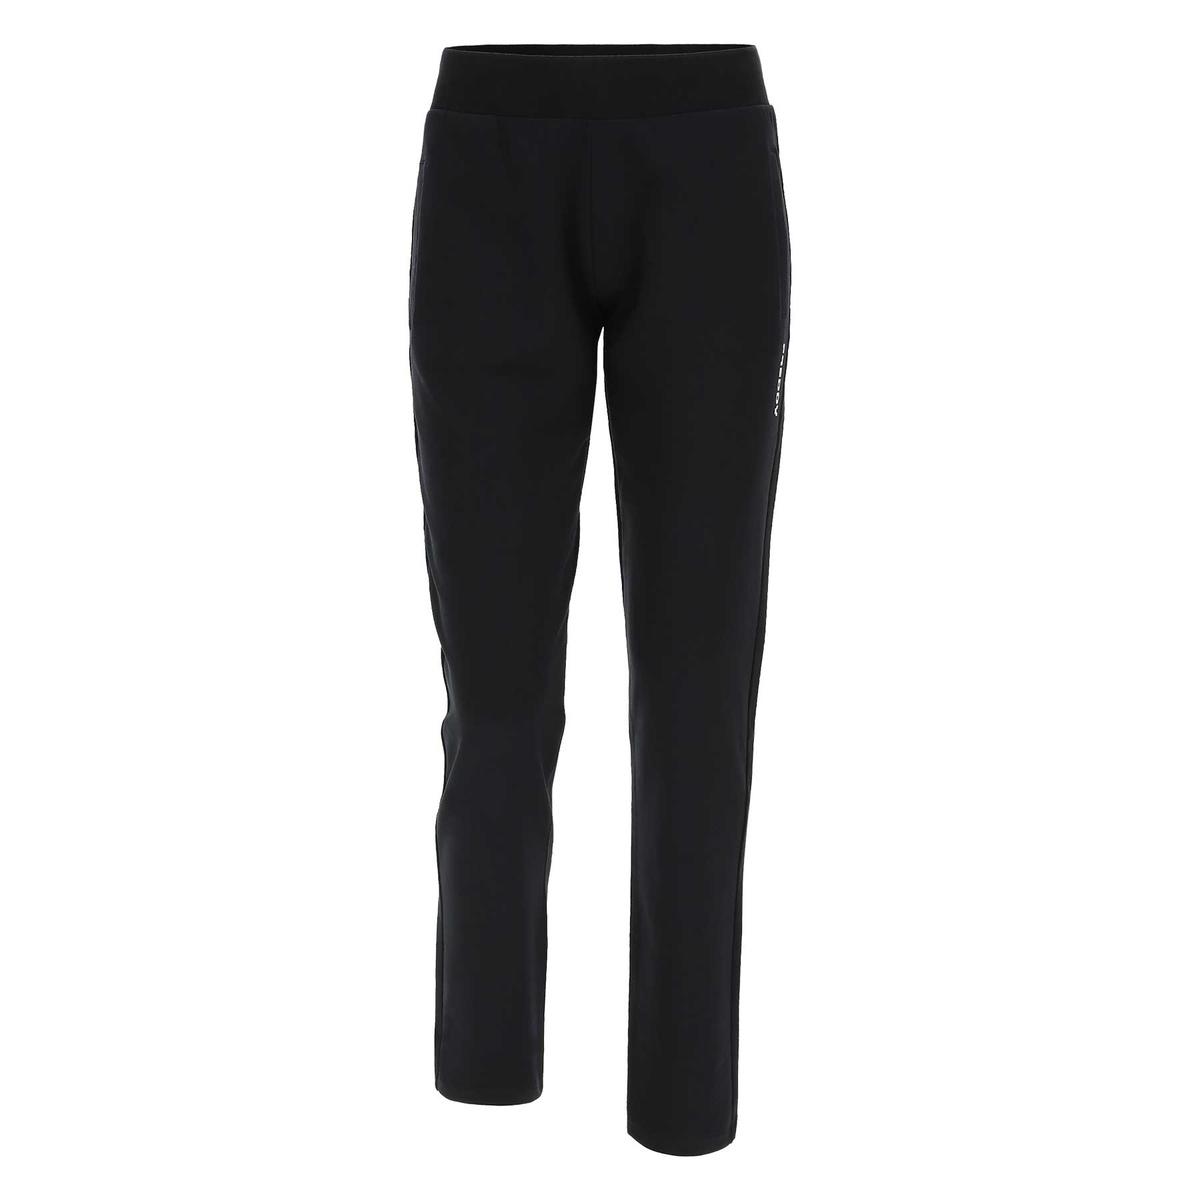 freddy pantaloni basic garzati donna